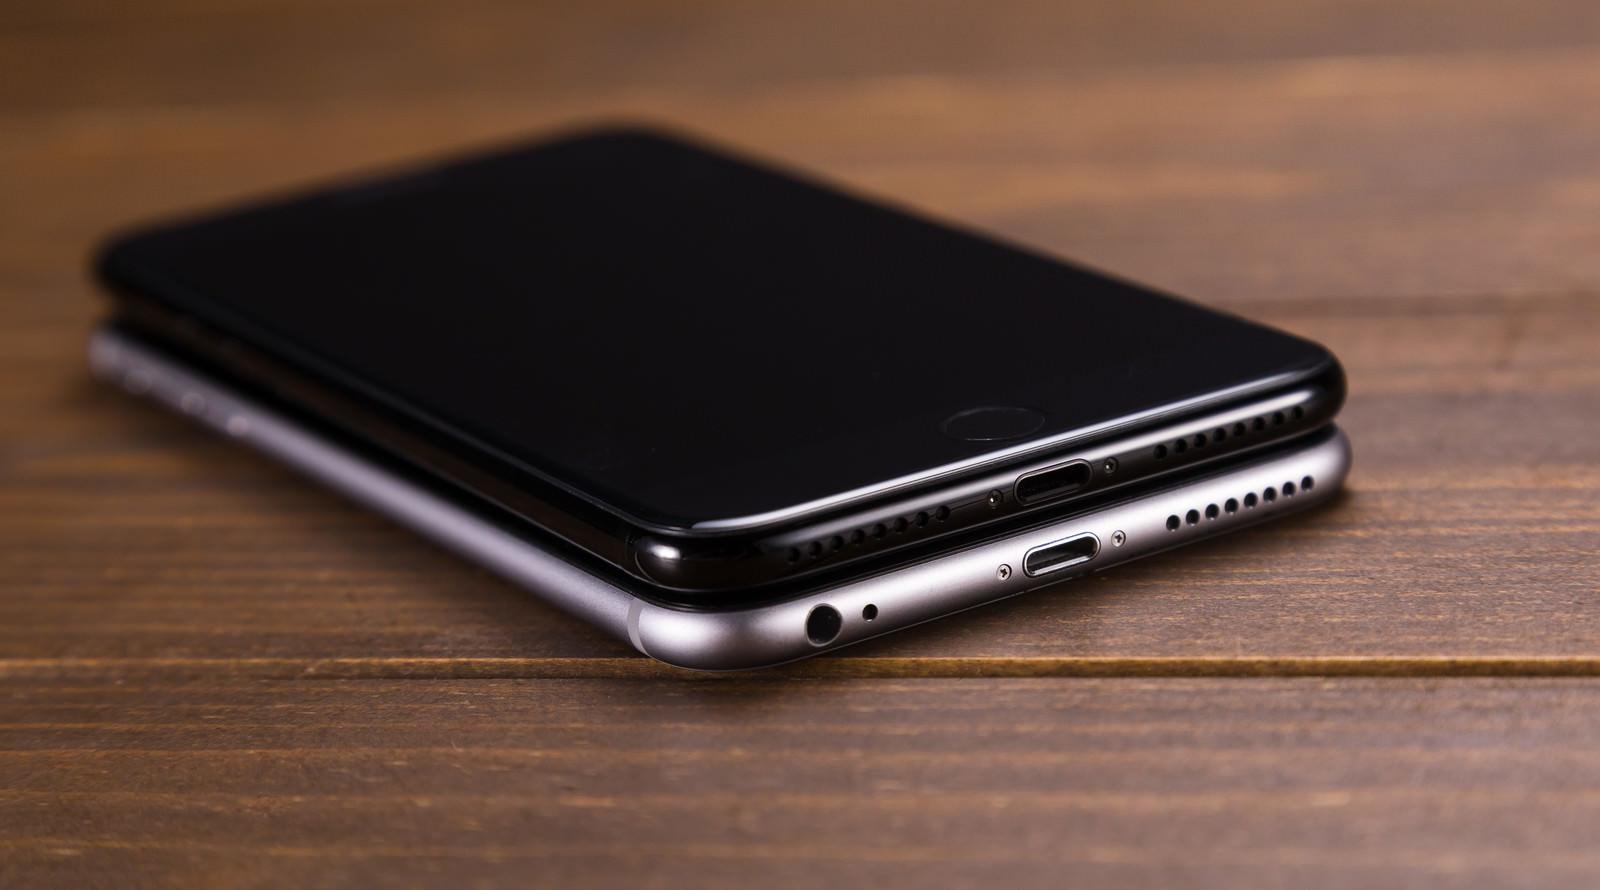 「イヤホンジャックの有無でこれほど美しさが違う、漆黒のスマートフォン